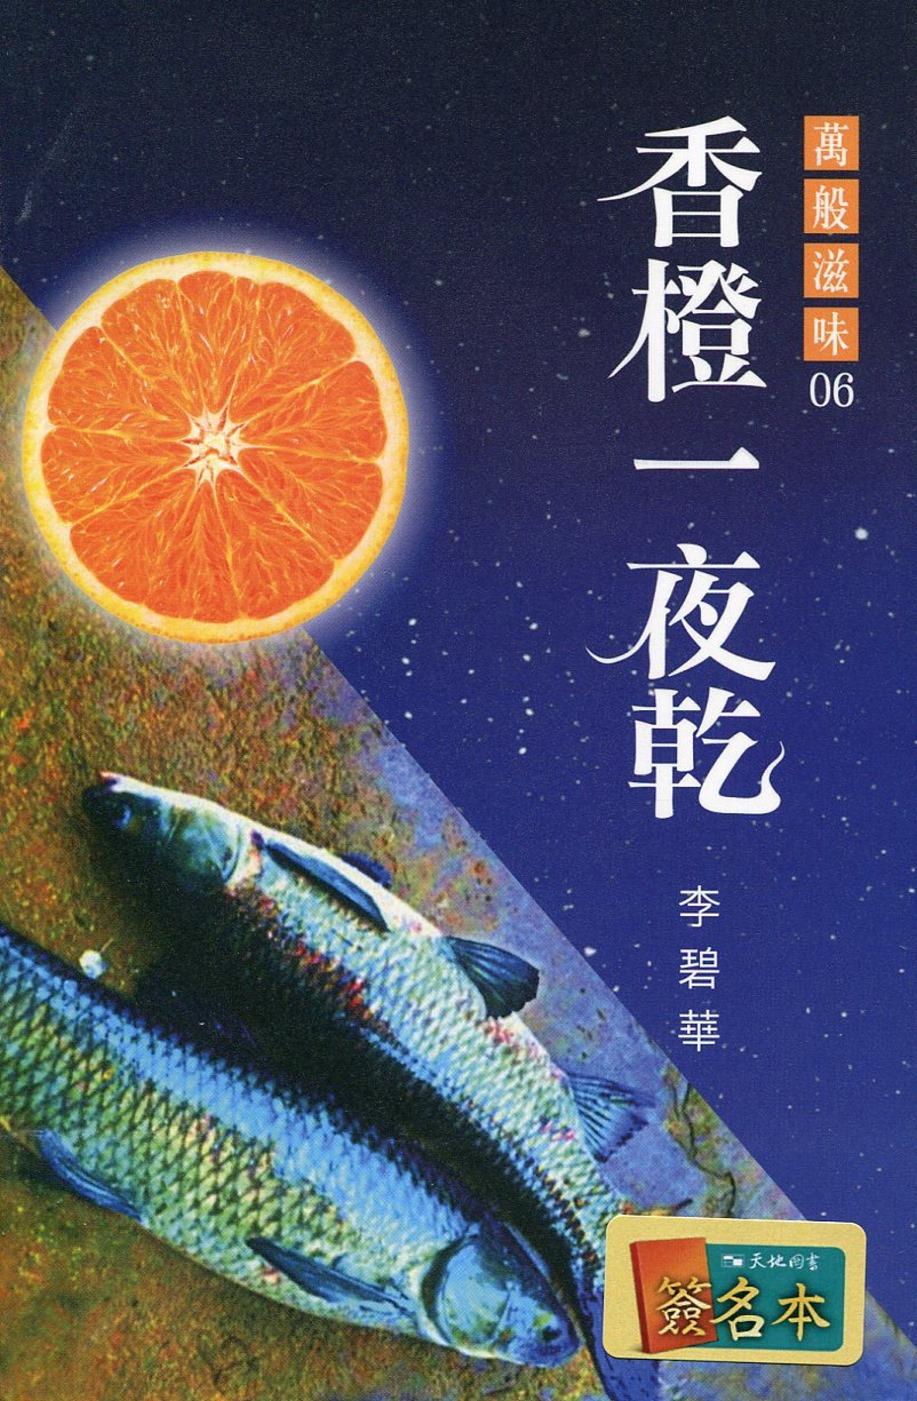 香橙一夜乾(簽名版)